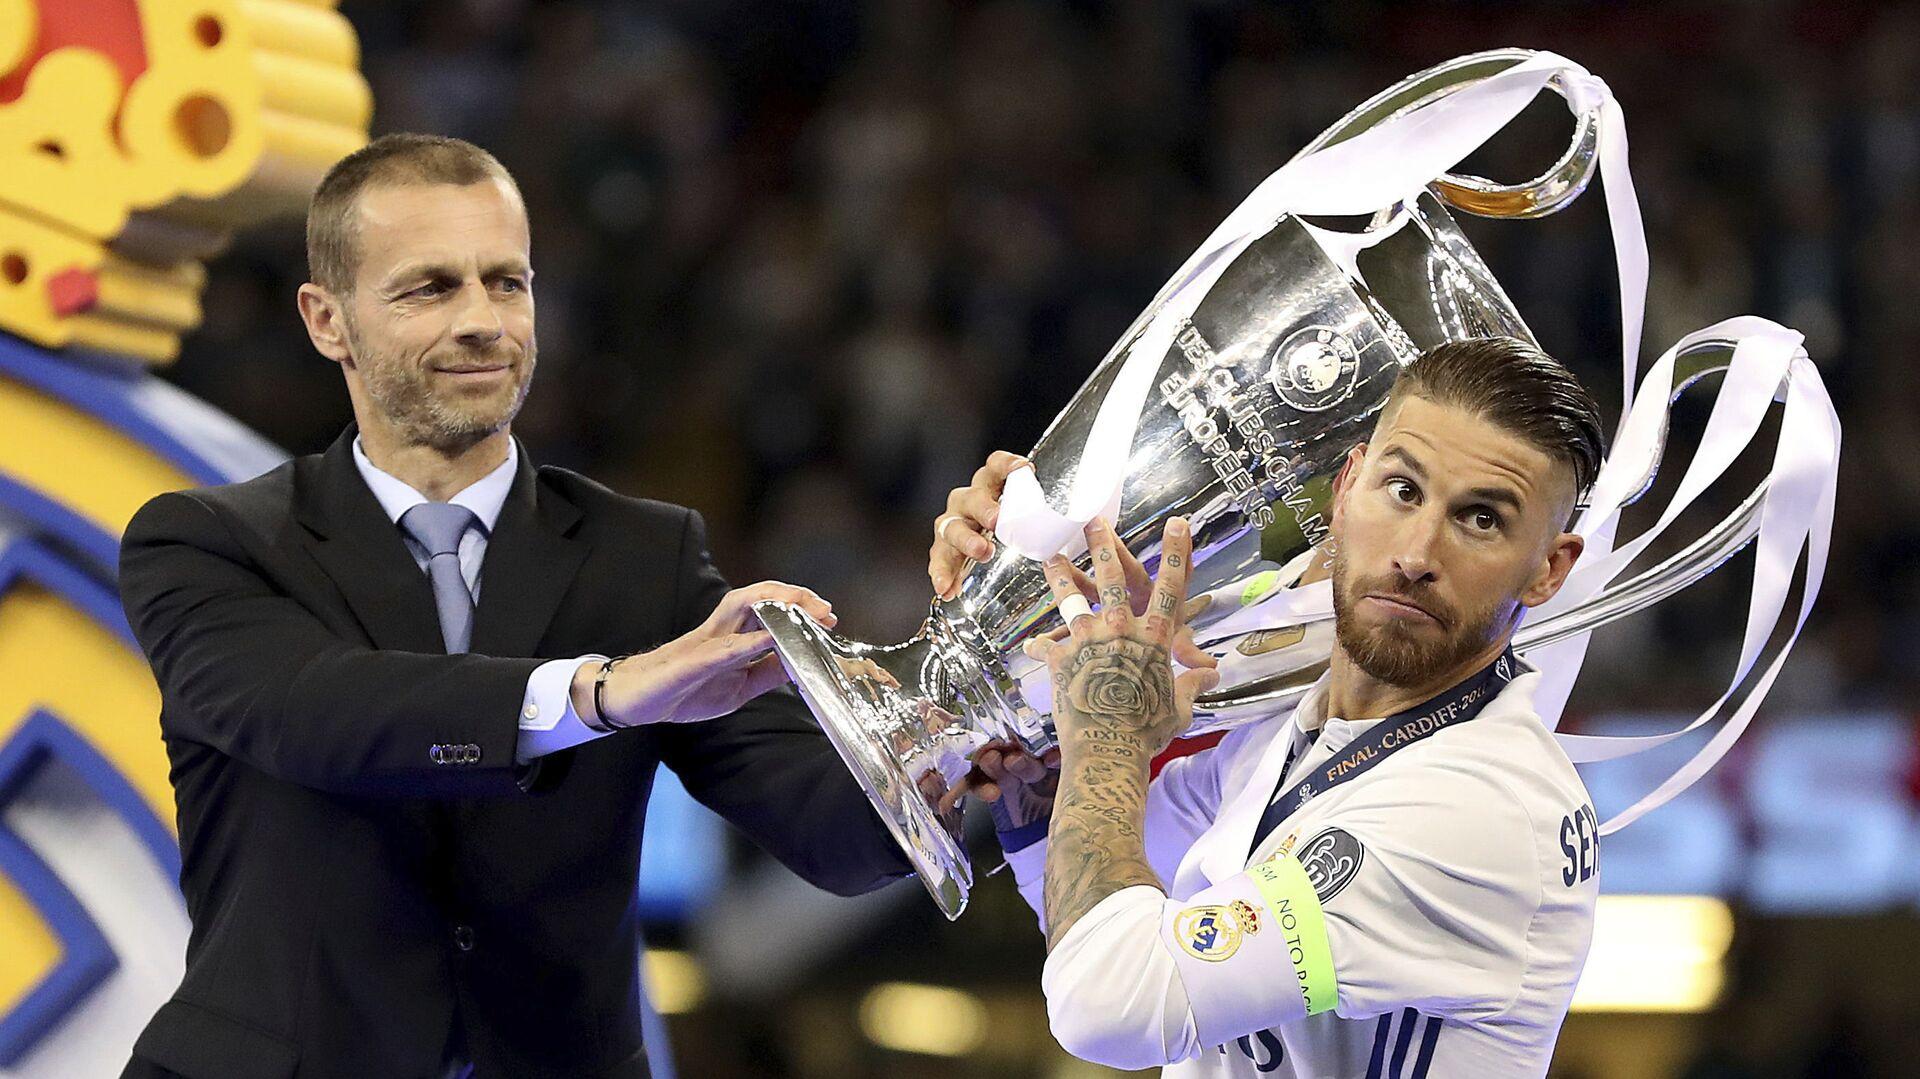 Sergio Ramos, futbolista español, después de la victoria del Real Madrid sobre la Juventus en la Liga de Campeones de 2017 - Sputnik Mundo, 1920, 17.06.2021